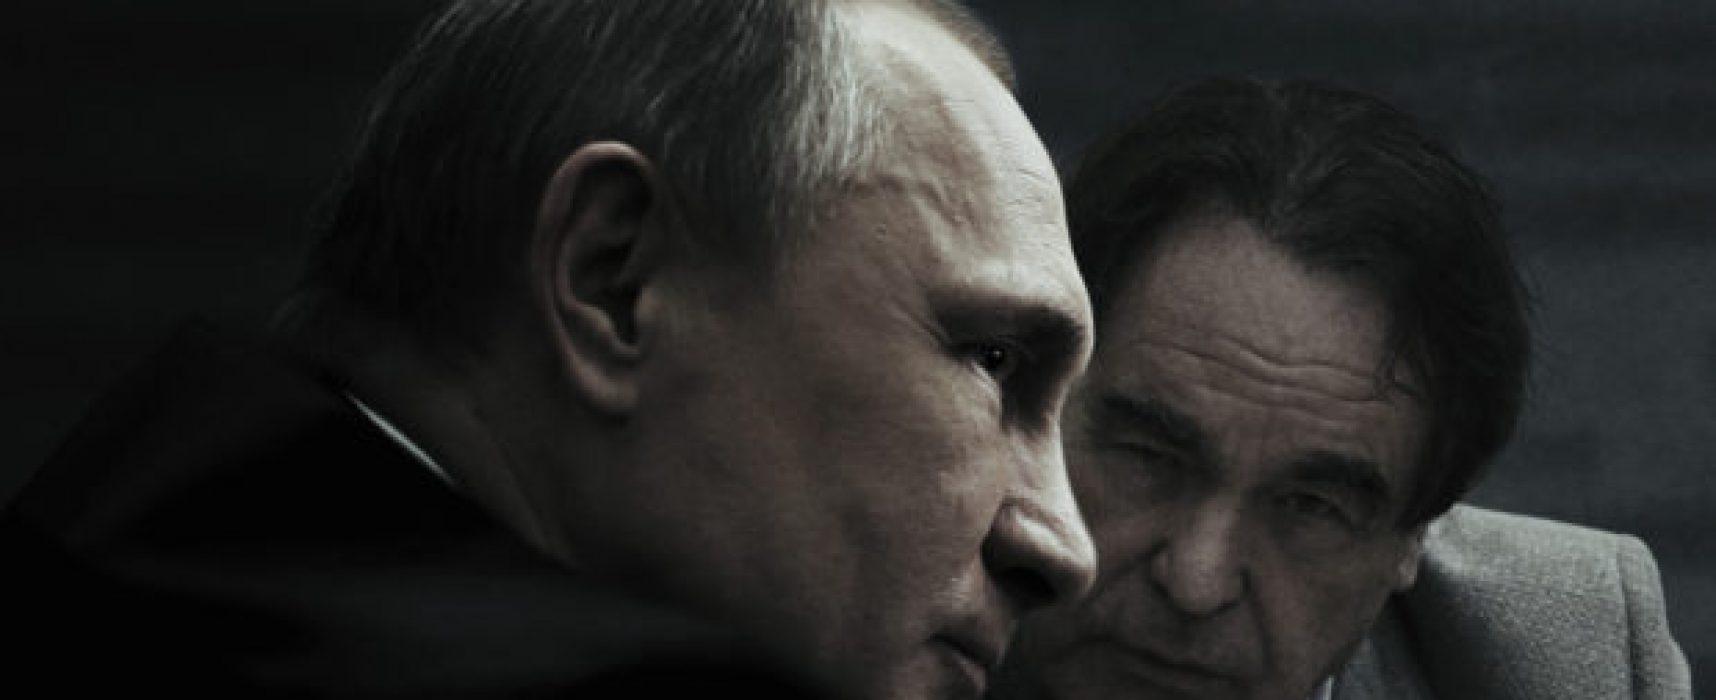 Lie to me. 20 примеров того, как Путин обманул Оливера Стоуна